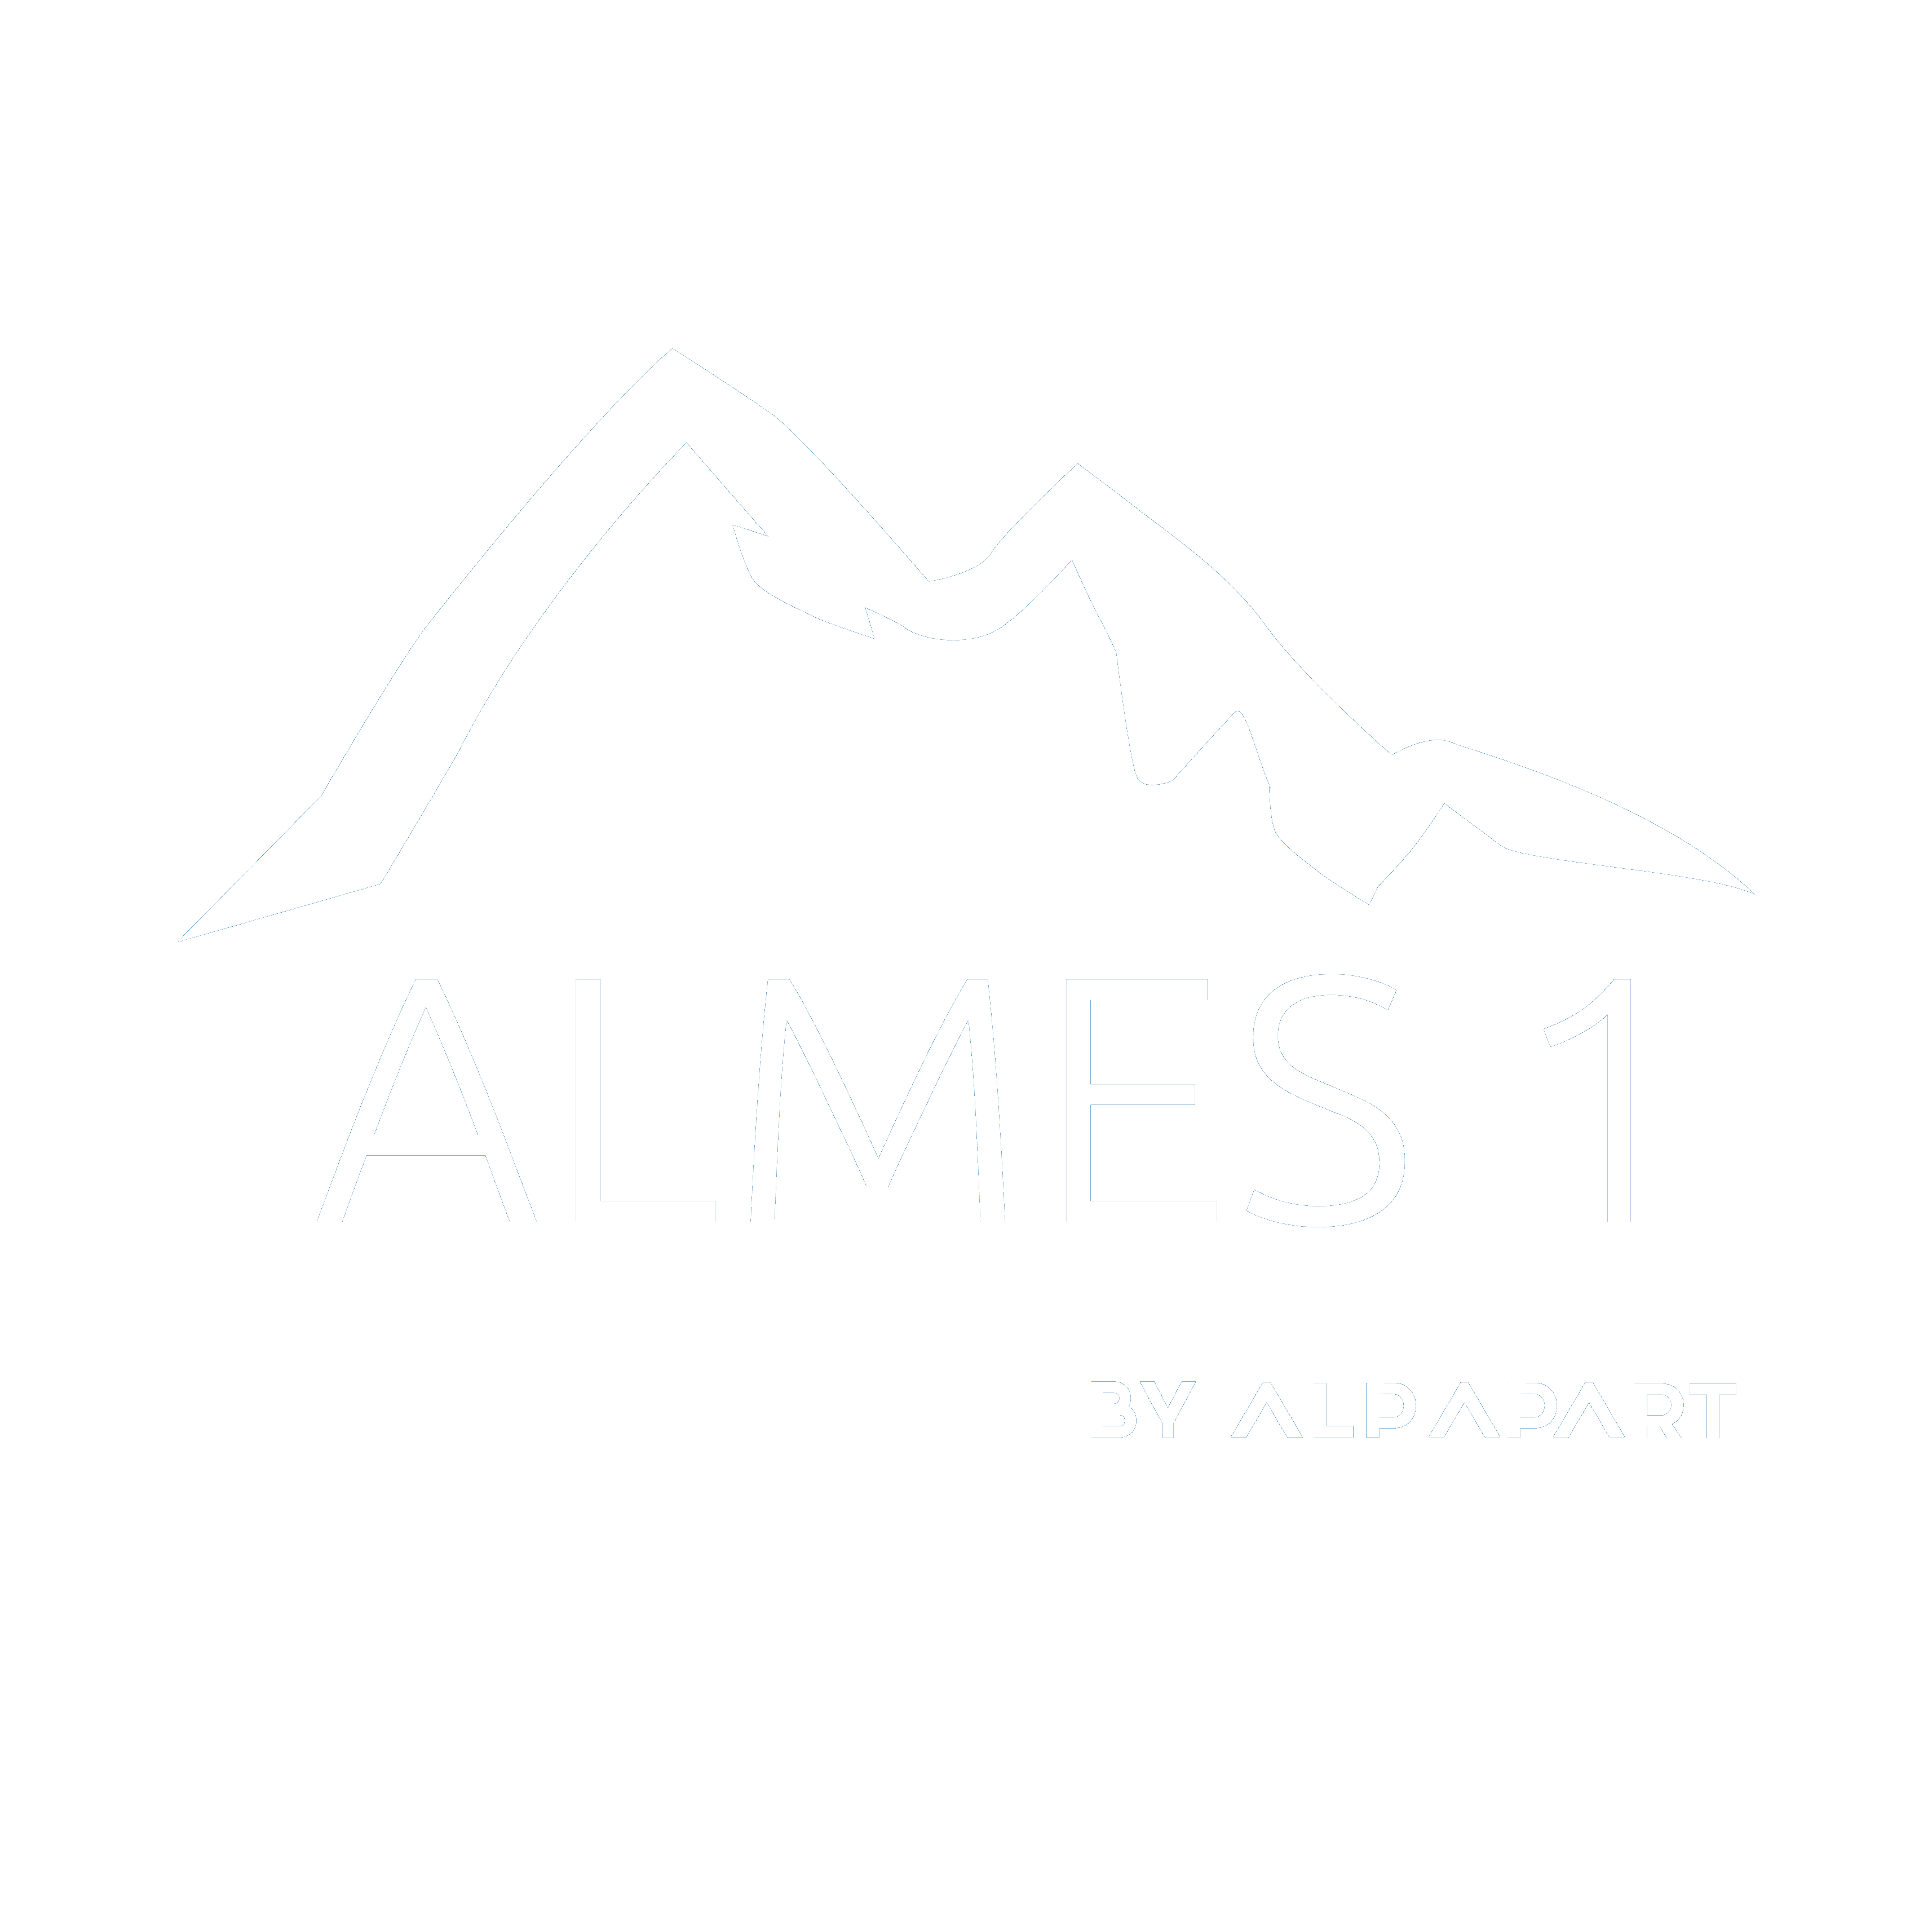 Almes 1